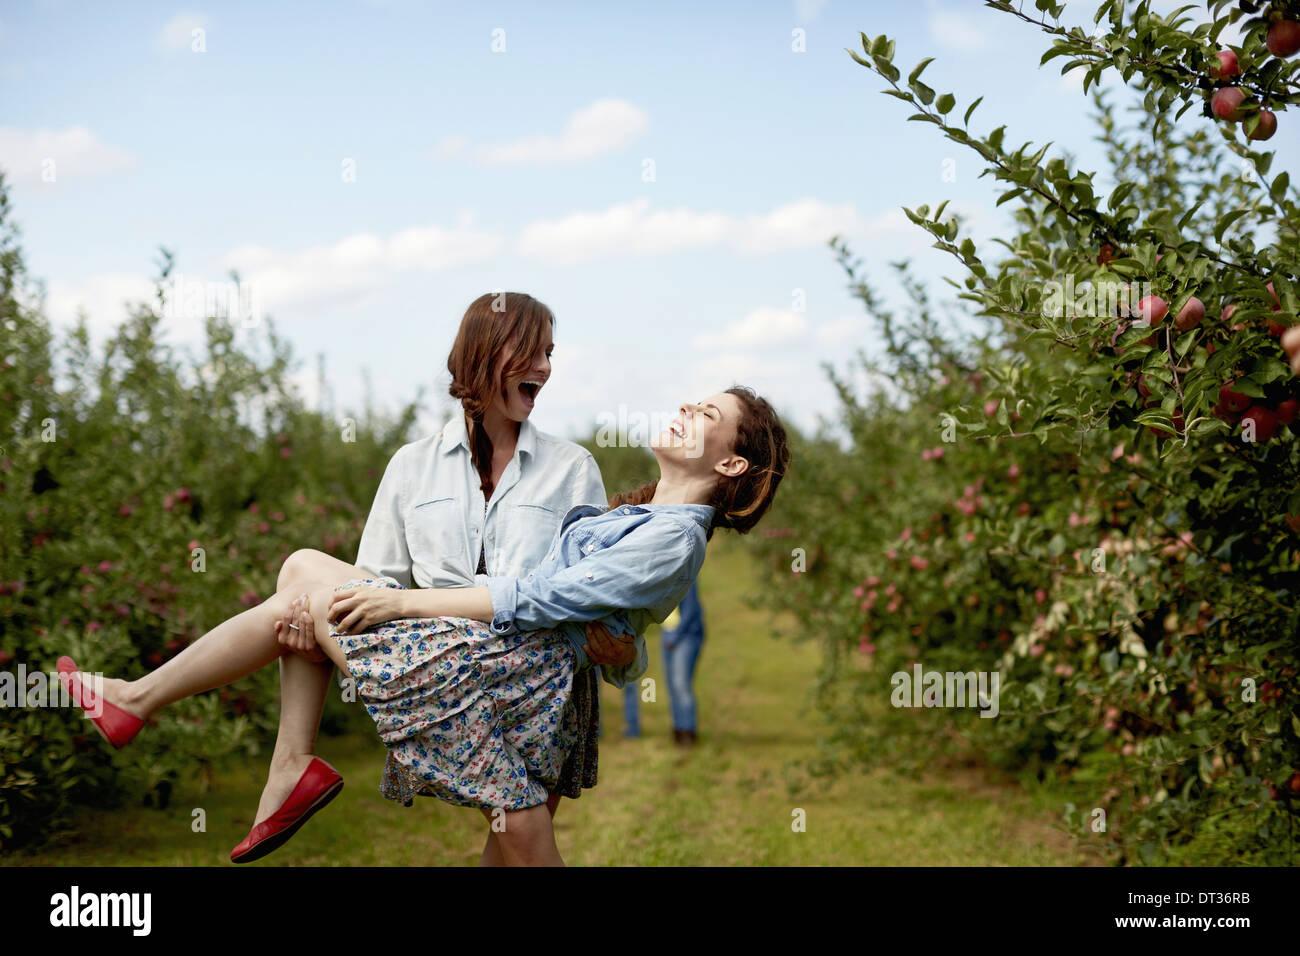 Reihen der Obstbäume in eine Bio-Obstgarten zwei junge Frauen, die eine mit dem anderen lachen Stockbild